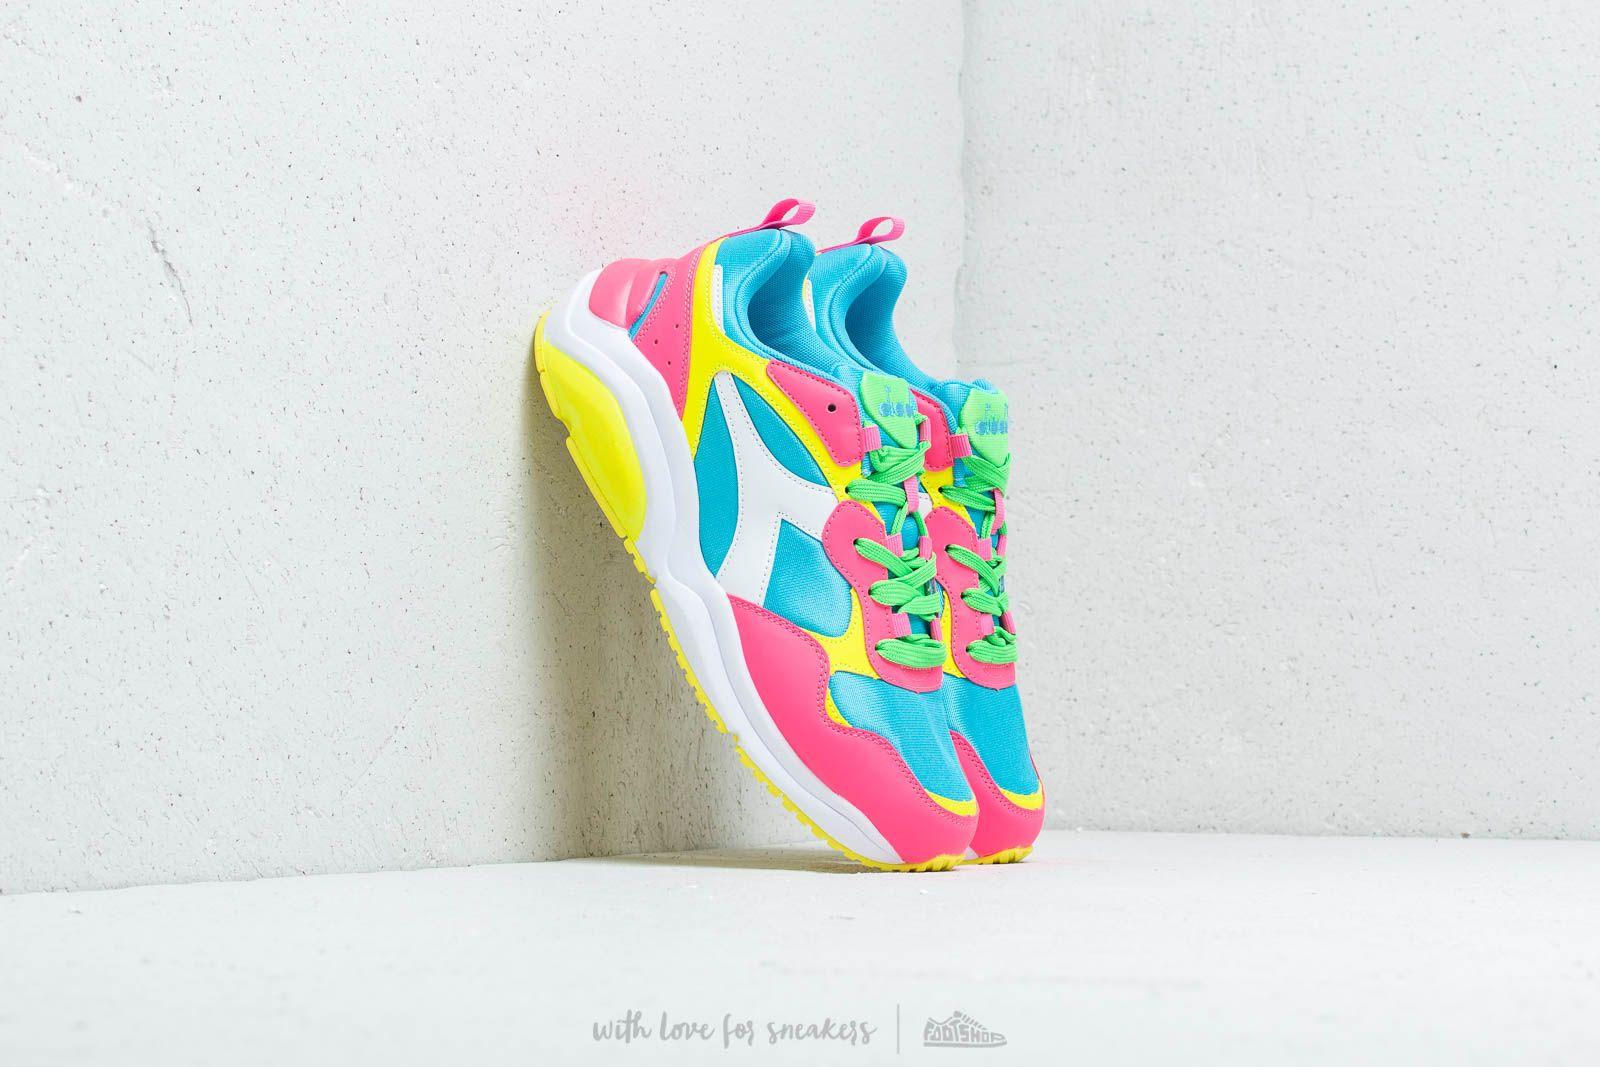 Diadora Whizz Run Fluo White/ Pink Fluo W super cenie 507 zł kupuj na Footshop.pl